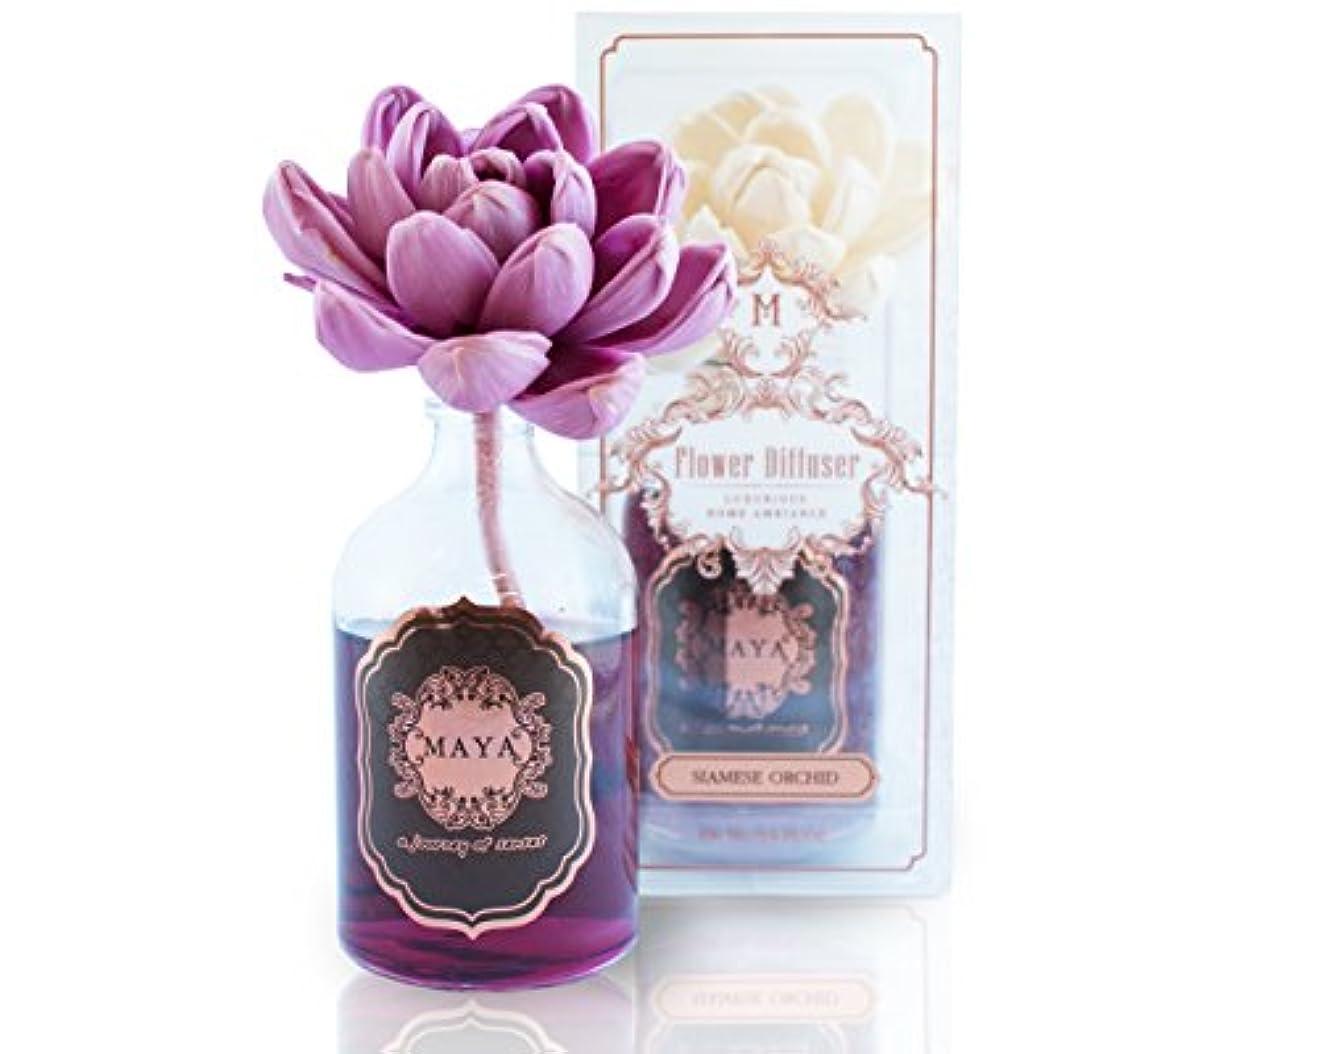 マインドフル現金紛争MAYA フラワーディフューザー シアメセオーキッド 100ml  Aroma Flower Diffuser - Saimese Orchid 100ml [並行輸入品]